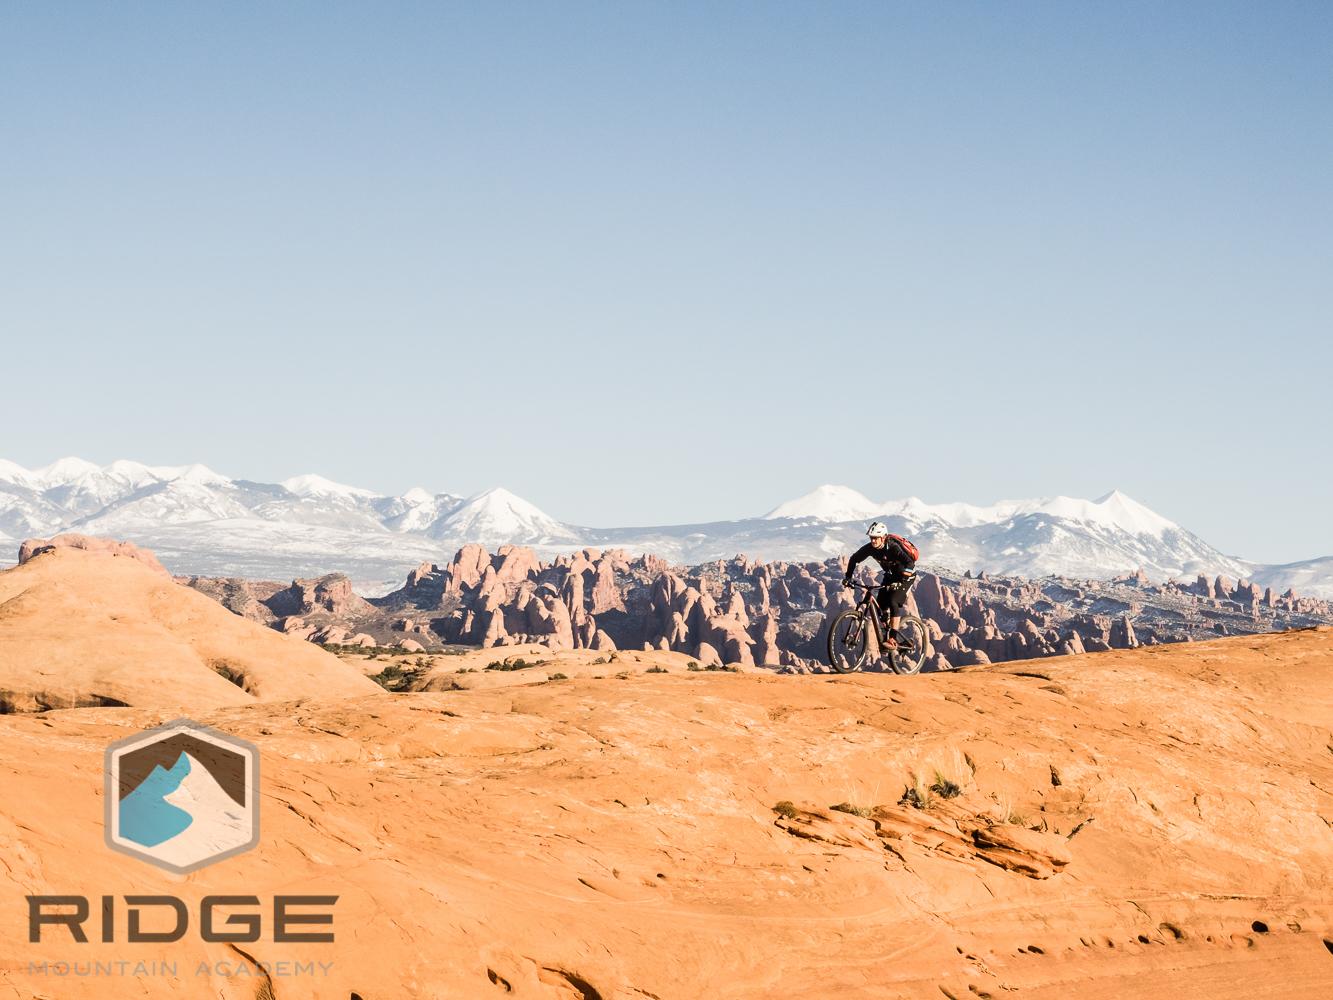 RIDGE in Moab, fall 2015-73.JPG